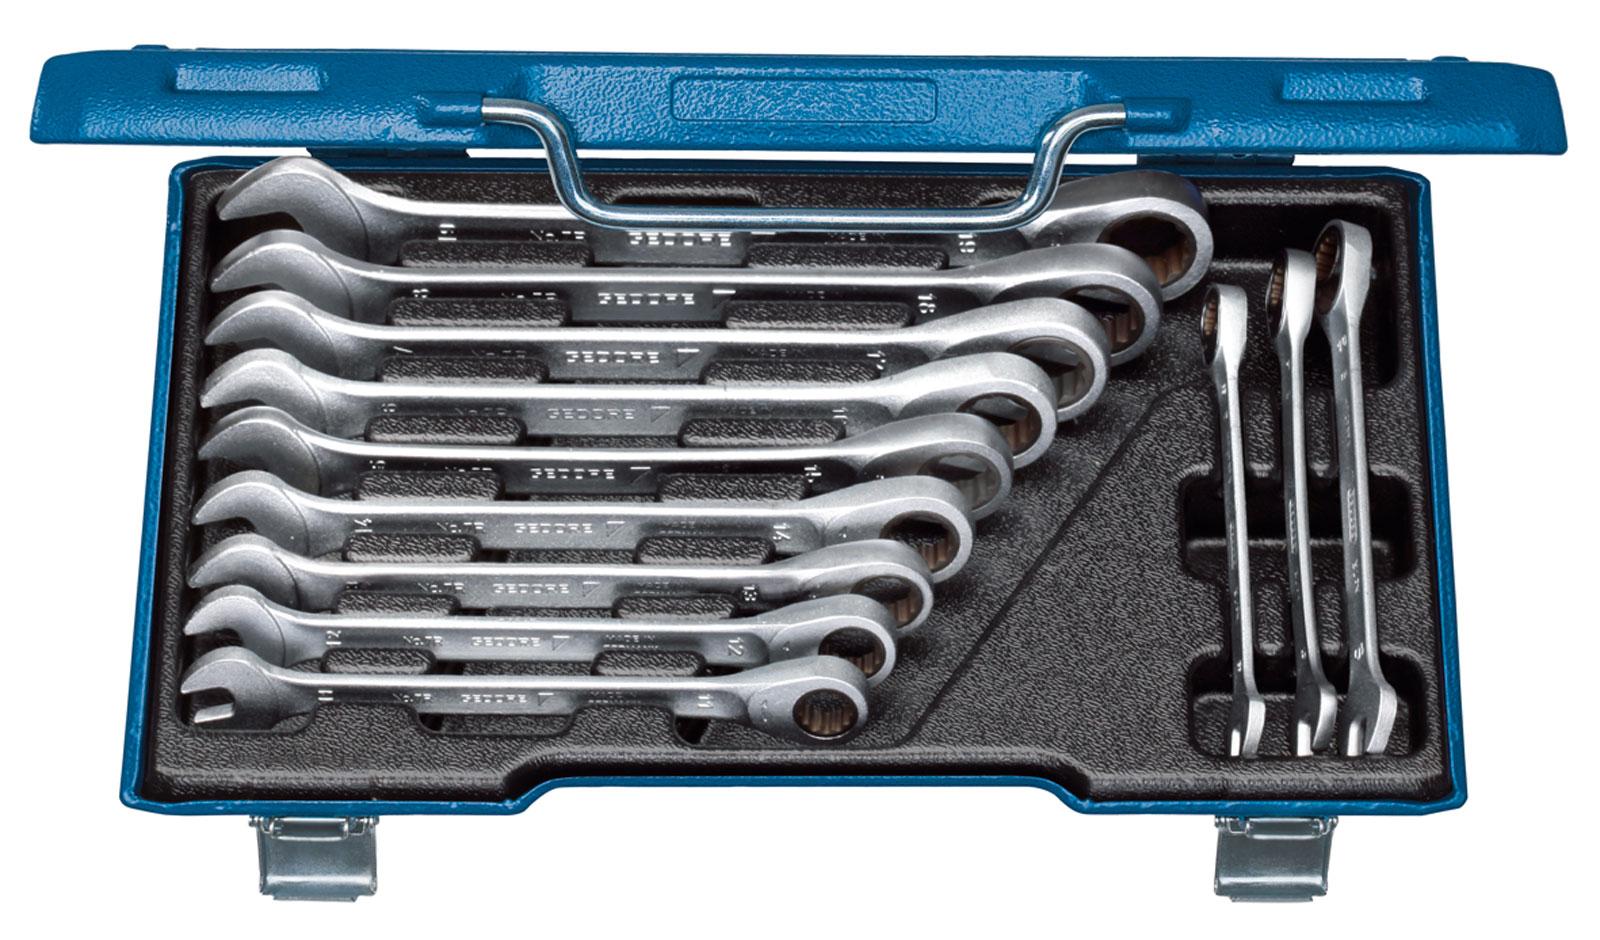 12 pc flexi-head socket open end spanner set métrique garage outil à main 8-19mm